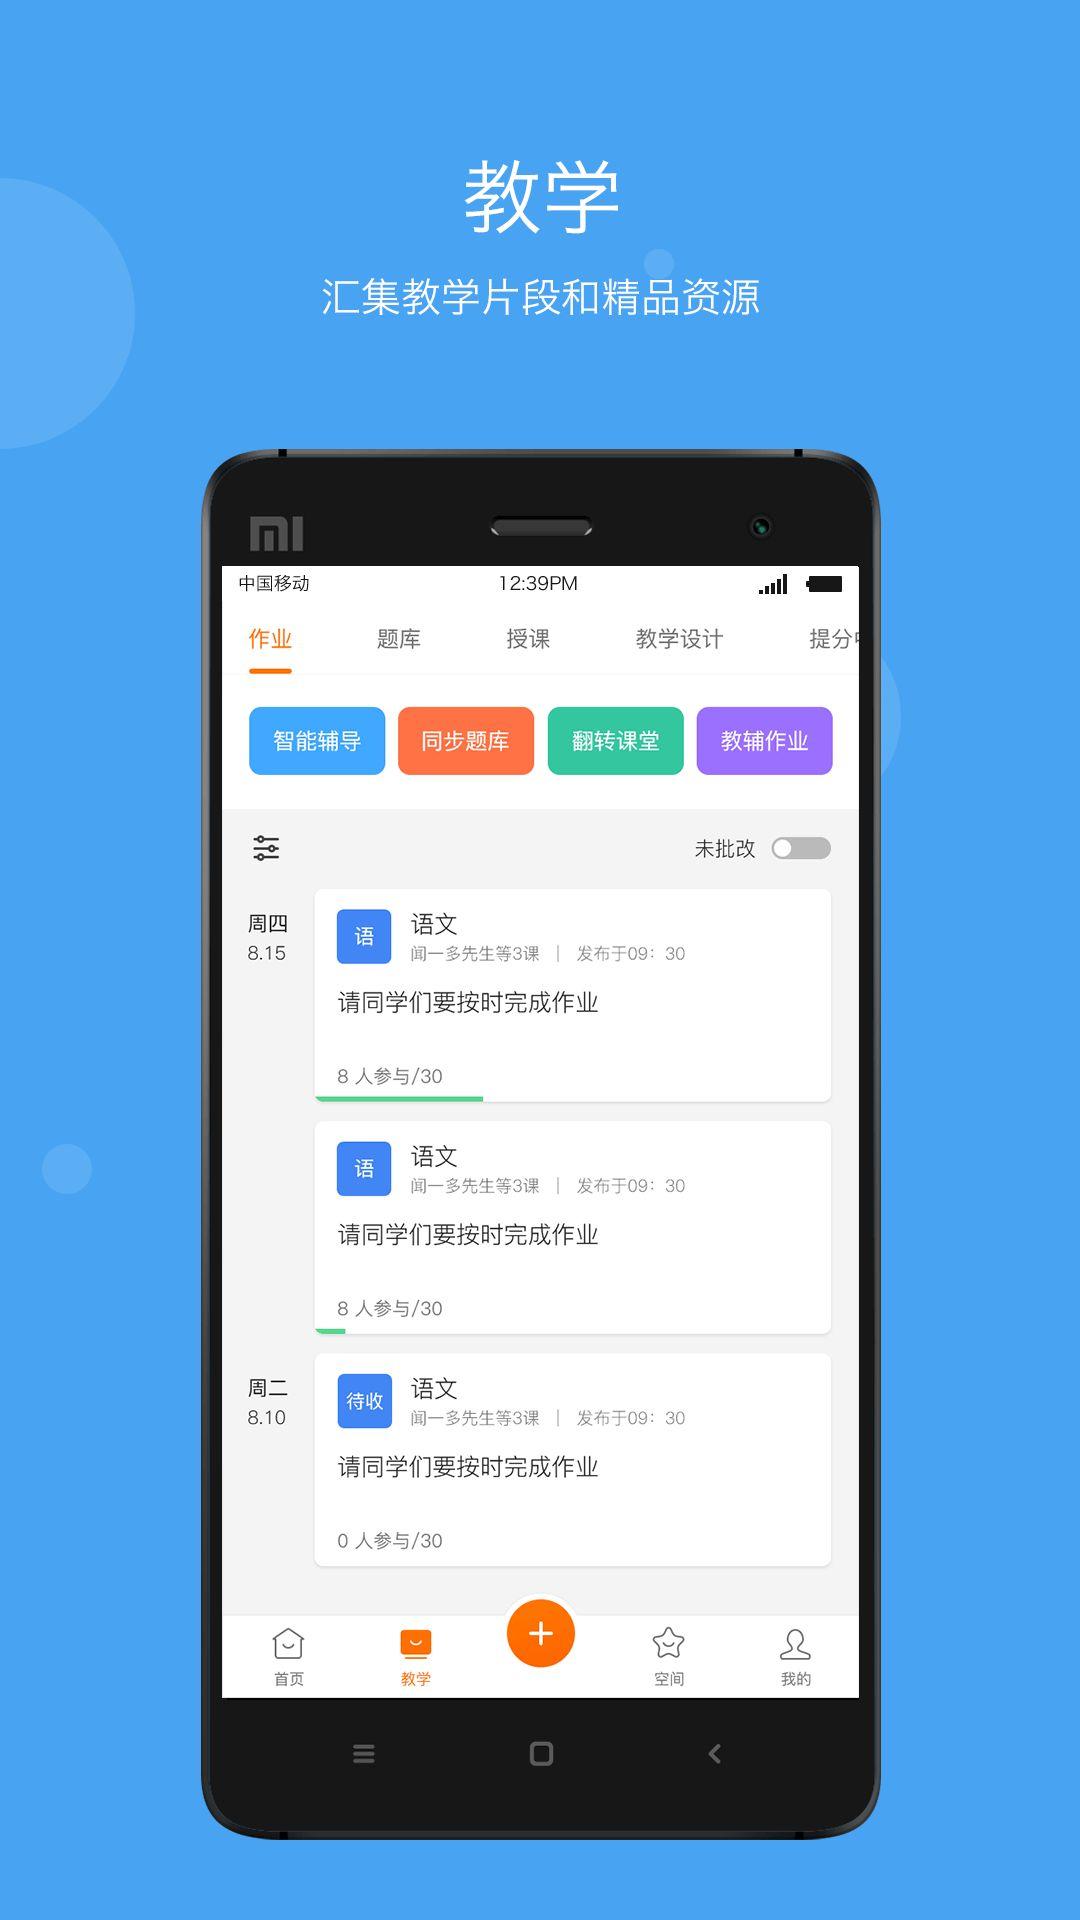 學樂云平臺登錄入口圖2